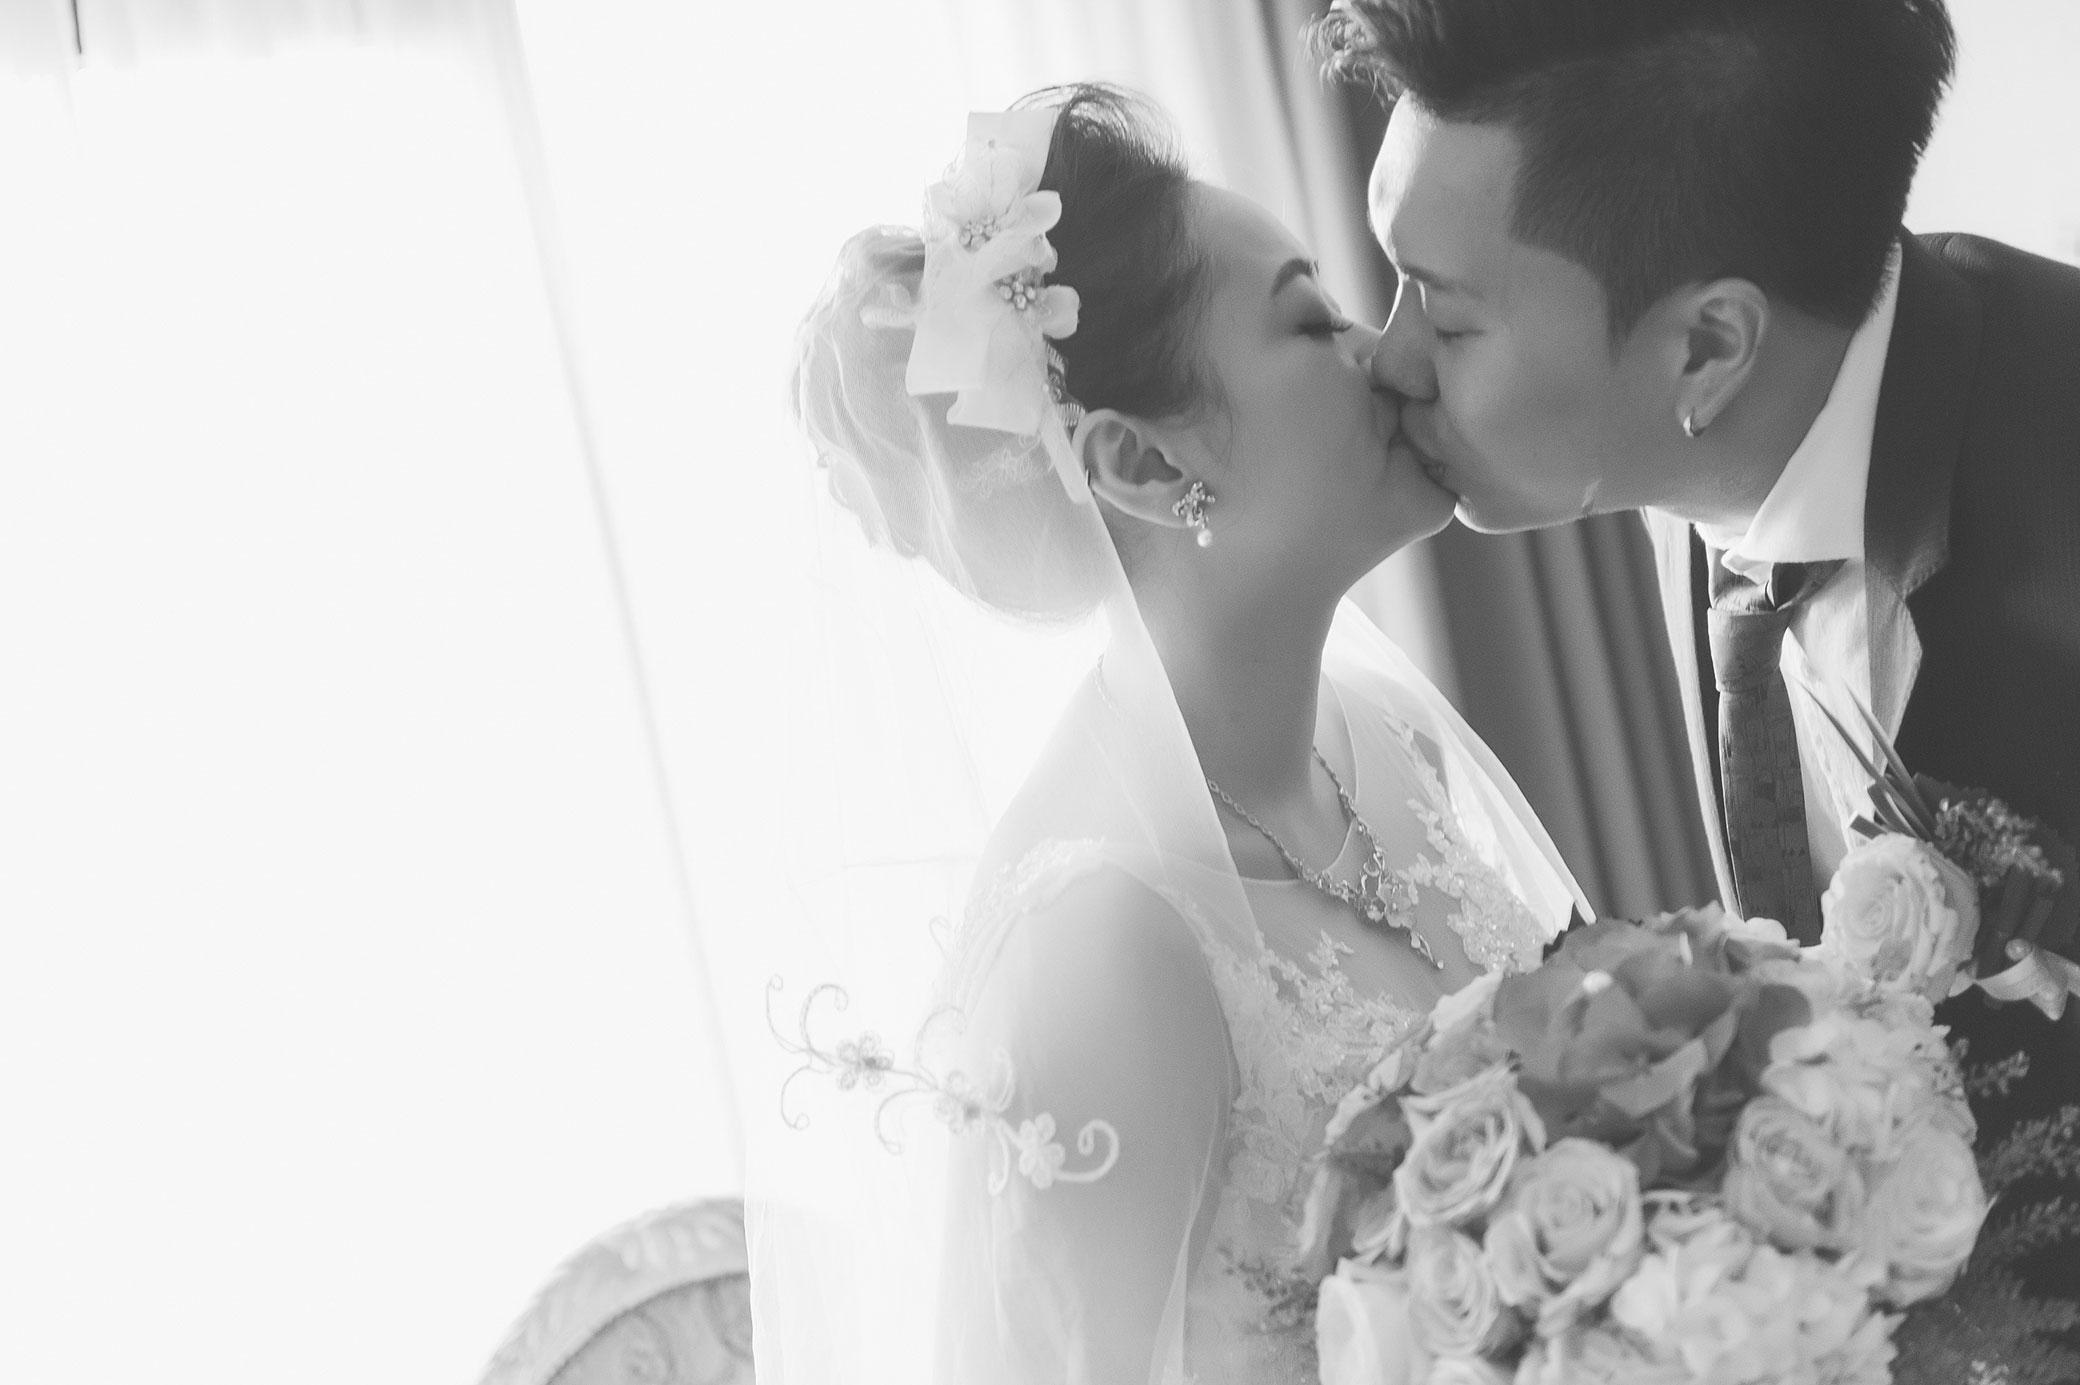 nickchang-realwedding-fineart-9